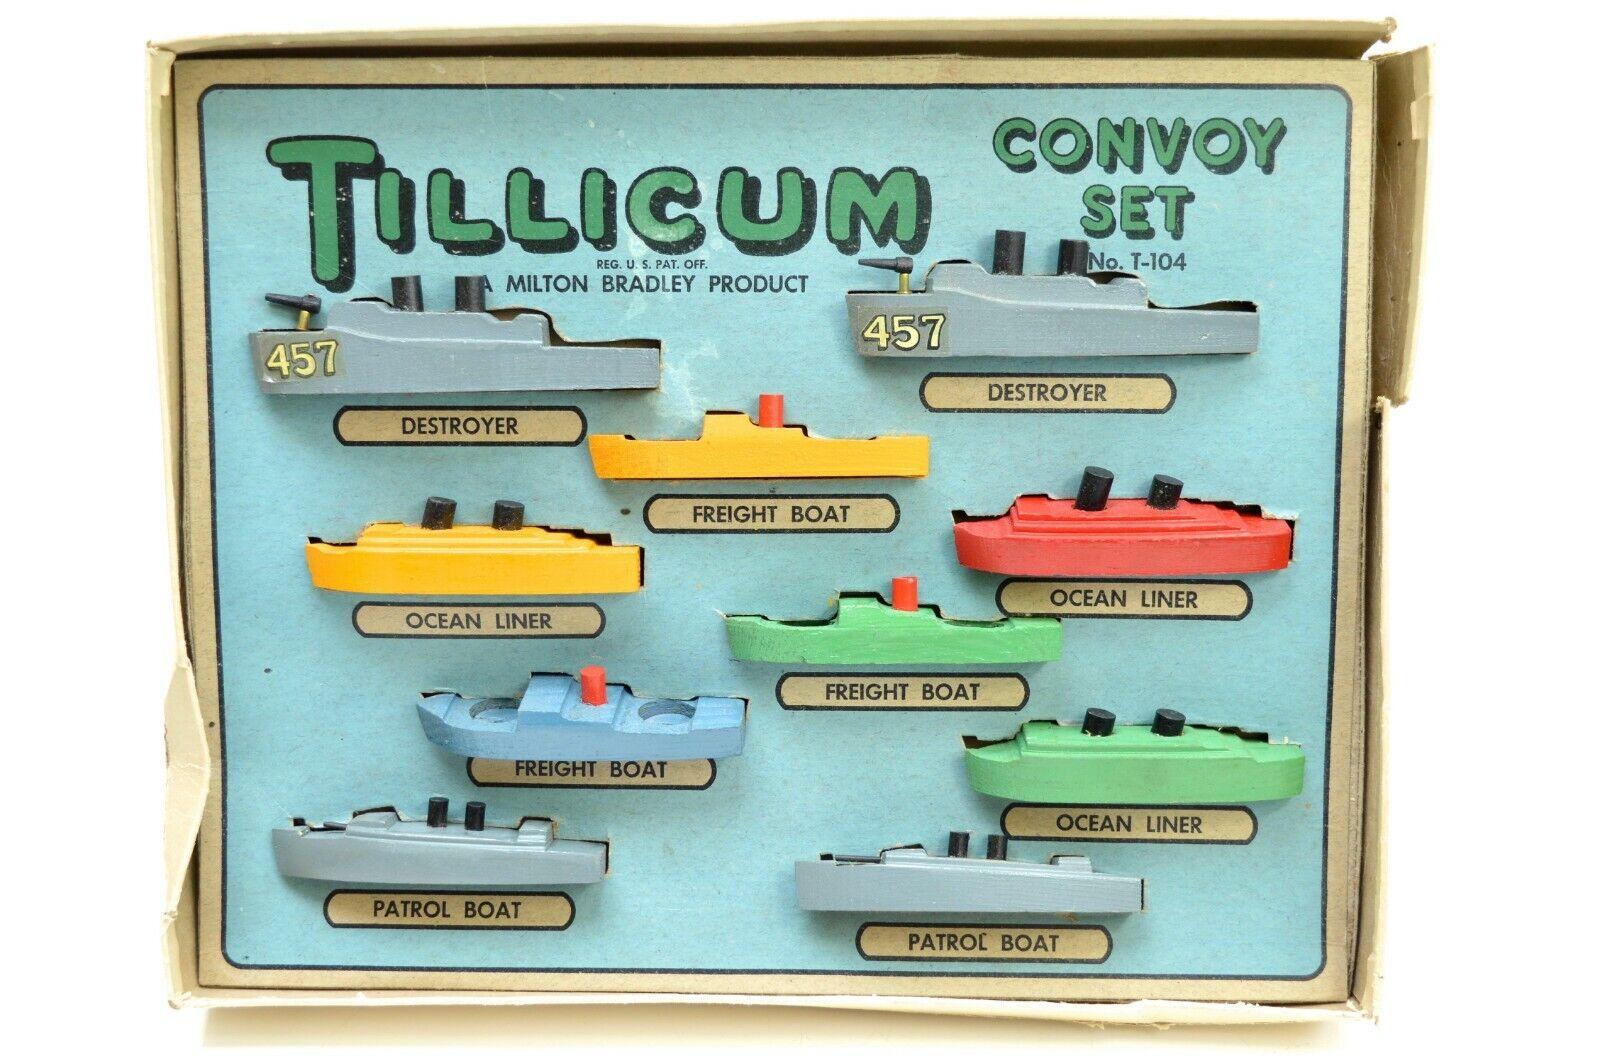 Nej, T -104 CORVOY SET.